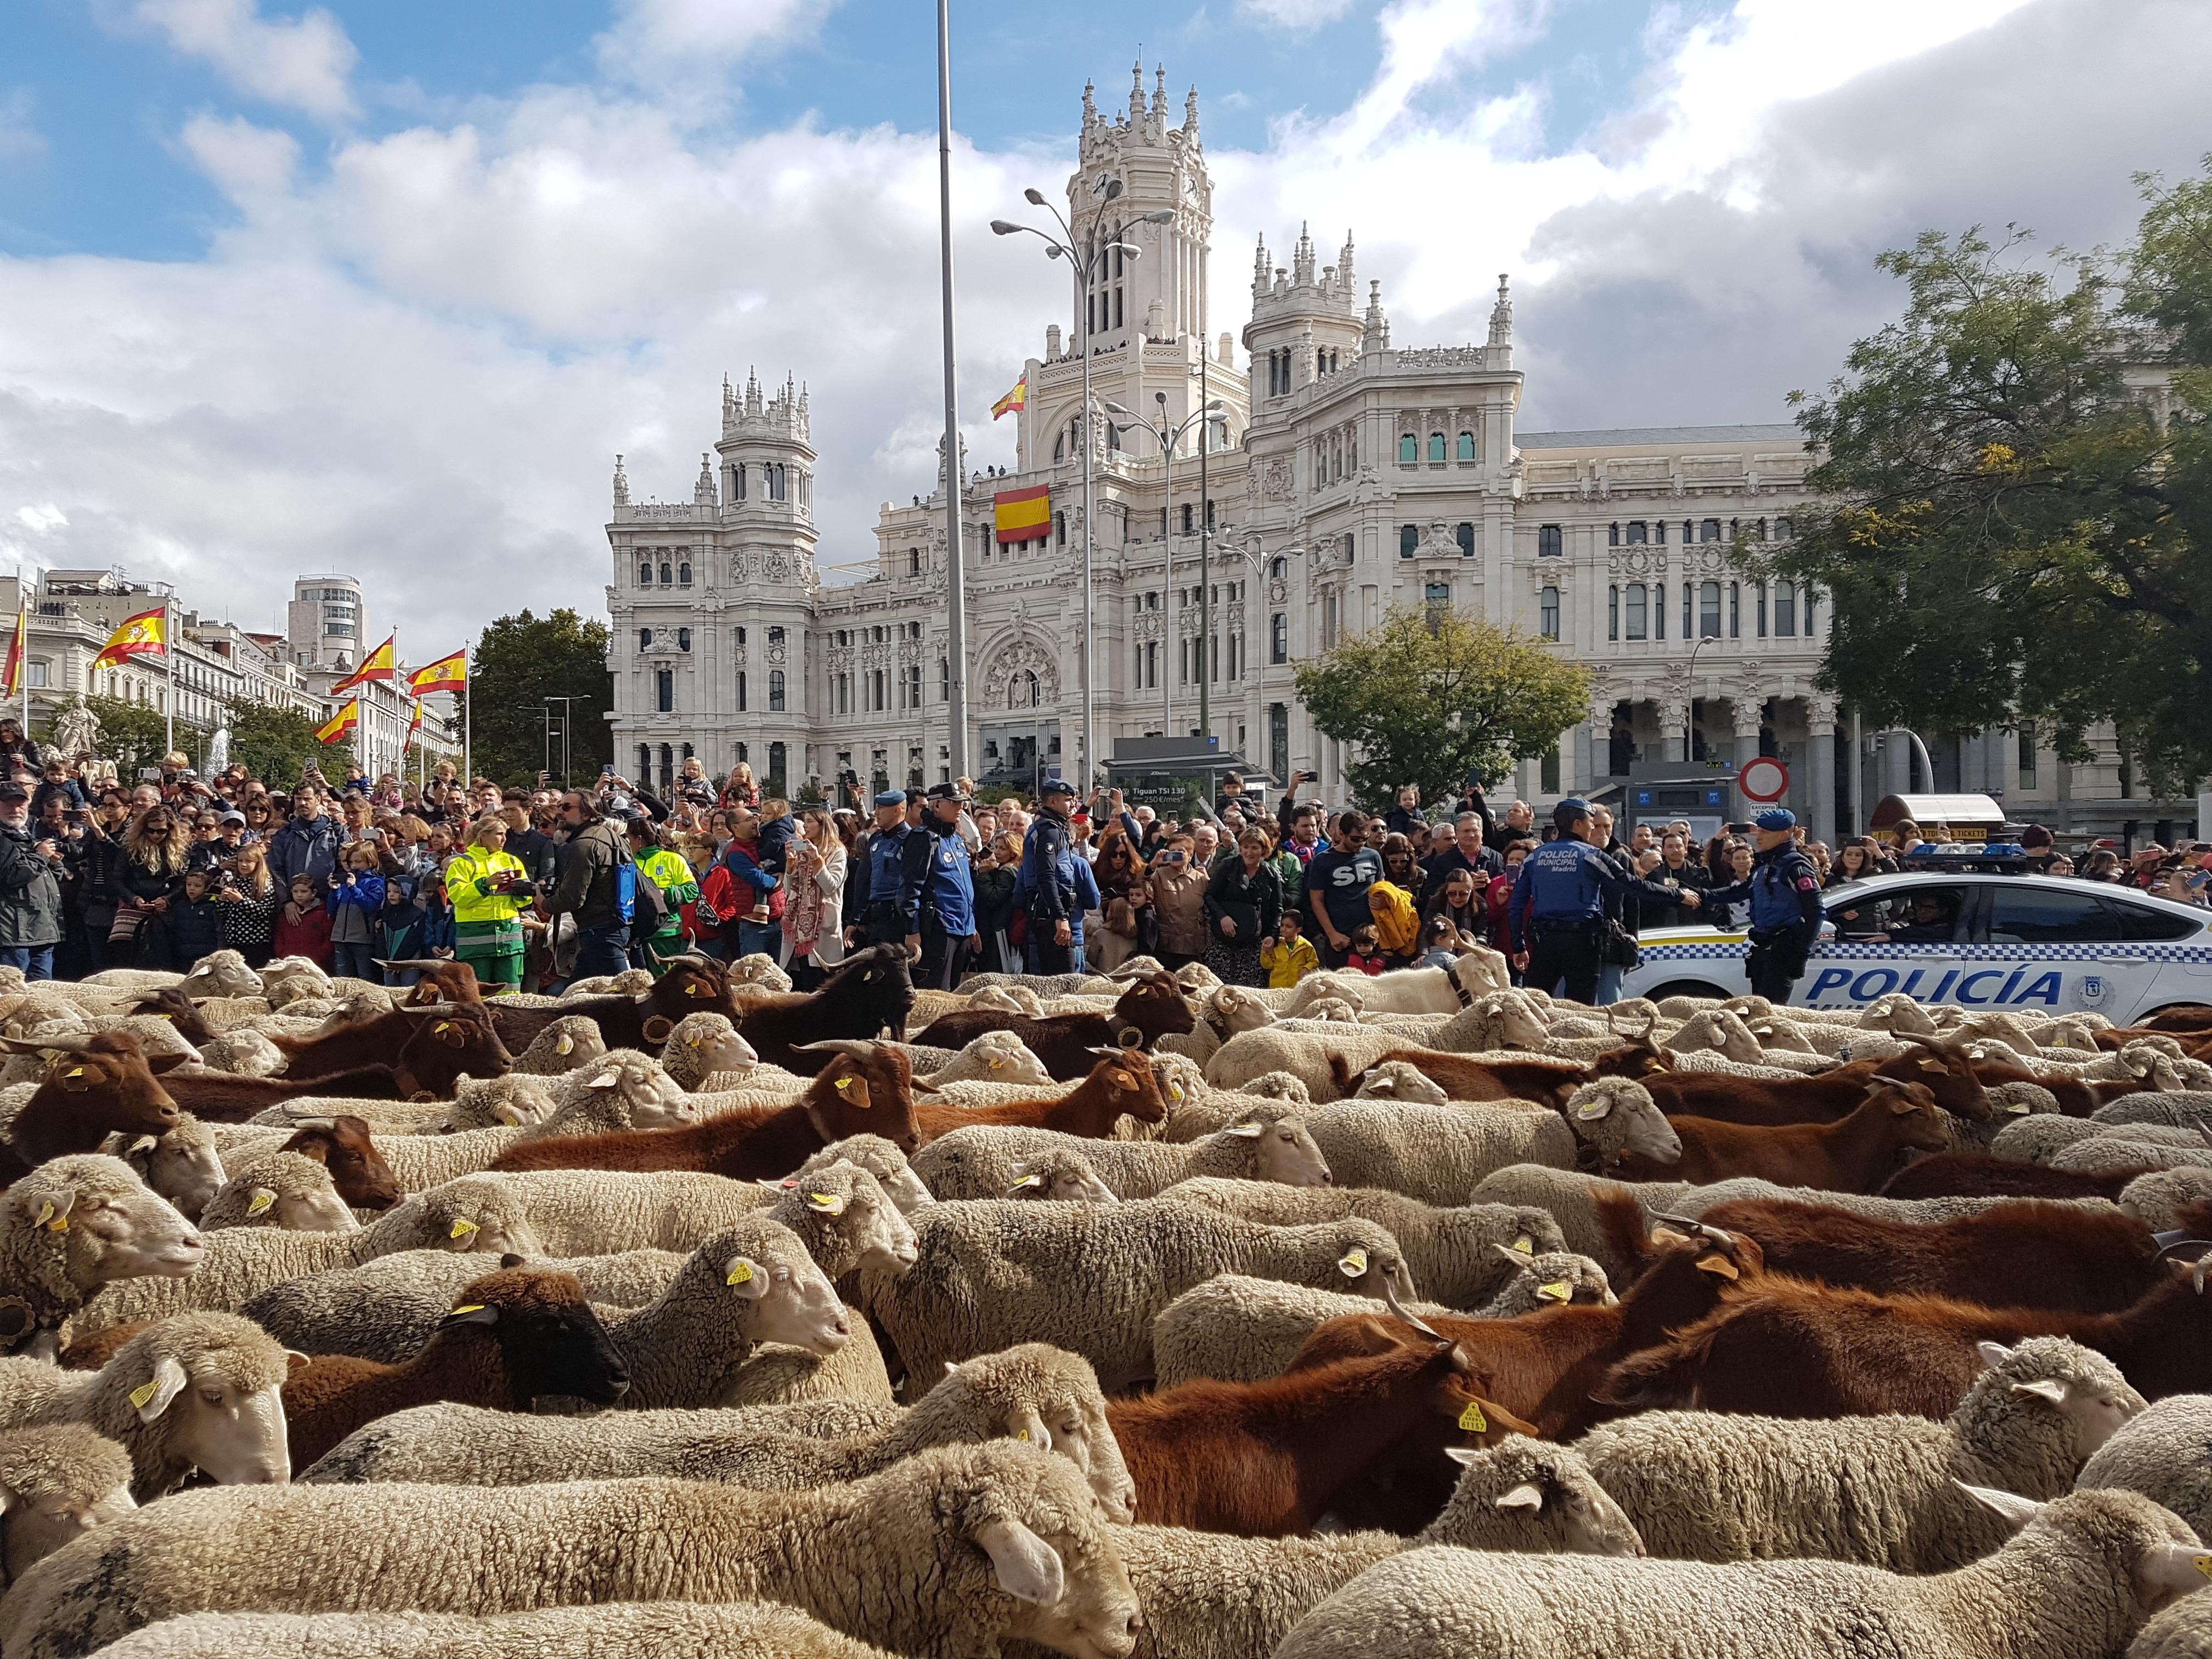 La ciudad y el campo se dan la mano en una nueva edición de la Fiesta de la Trashumancia en Madrid